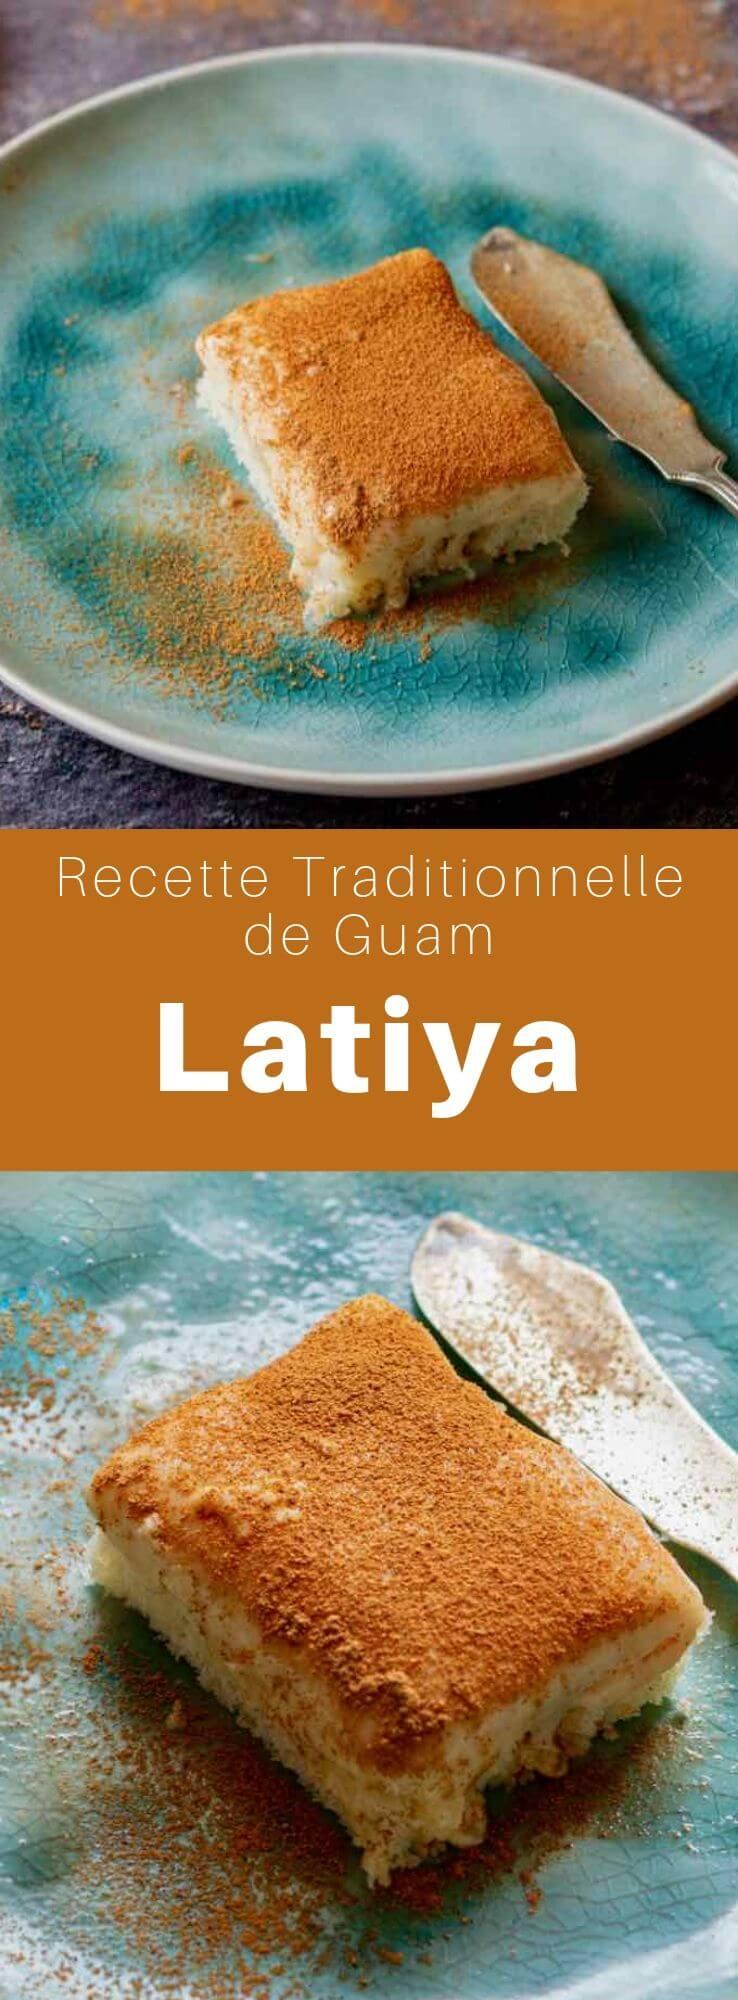 La latiya ou natiya est un dessert populaire de l'île de Guam composé de crème aux oeufs à la vanille saupoudrée de cannelle et d'une base de génoise. #Guam #RecetteDeGuam #RecetteChamorro #Chamorro #CuisineDuMonde #196flavors